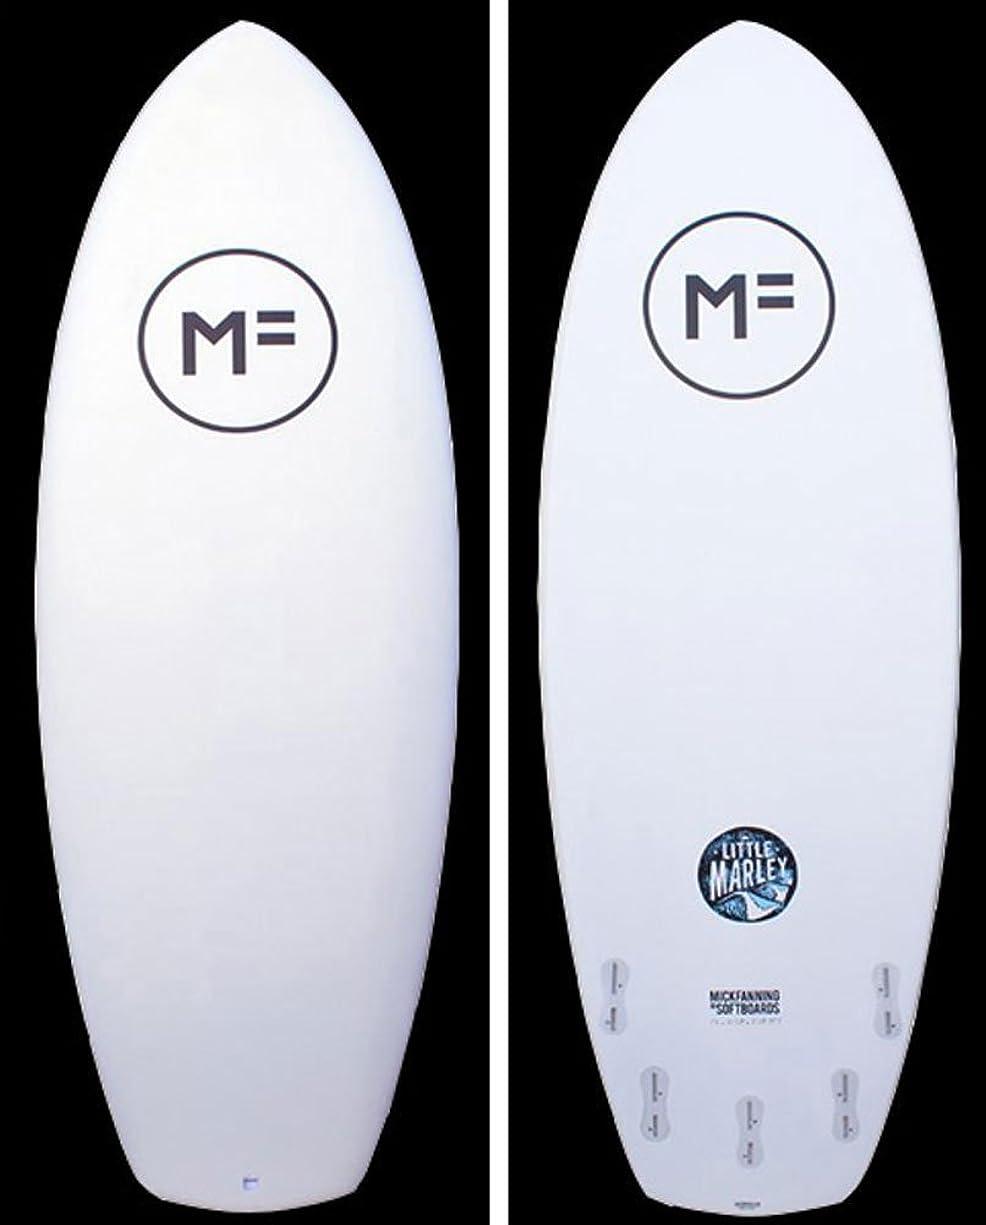 等価酔って天MICK FANNING (ミックファニング) ソフトボード LITTLE MARLEY WHITE 5'6